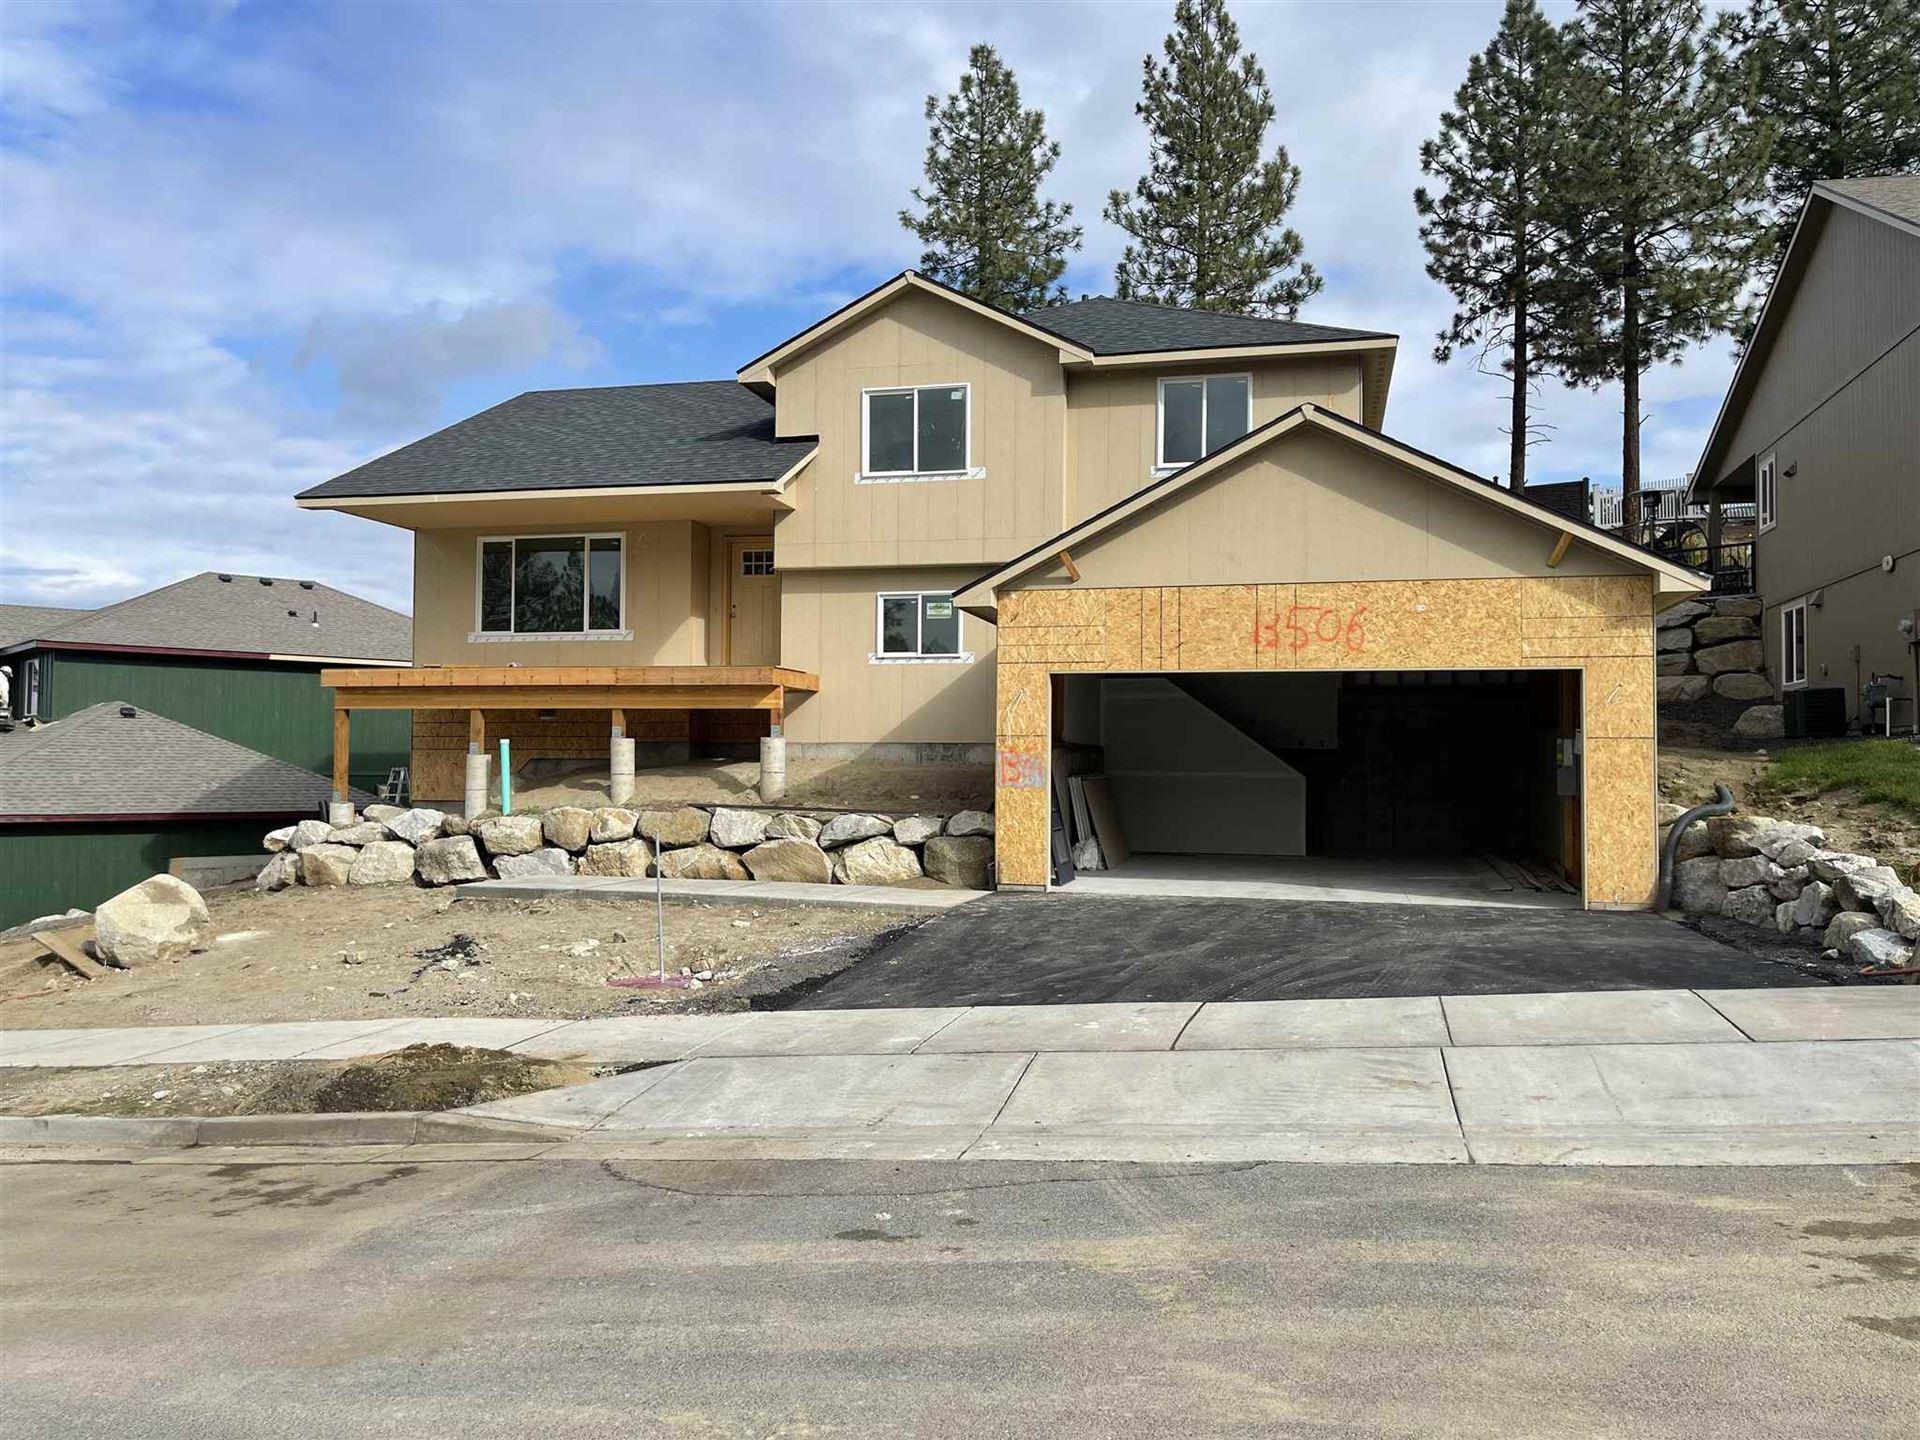 13506 N Mayfair Ln, Spokane, WA 99208 - #: 202111701